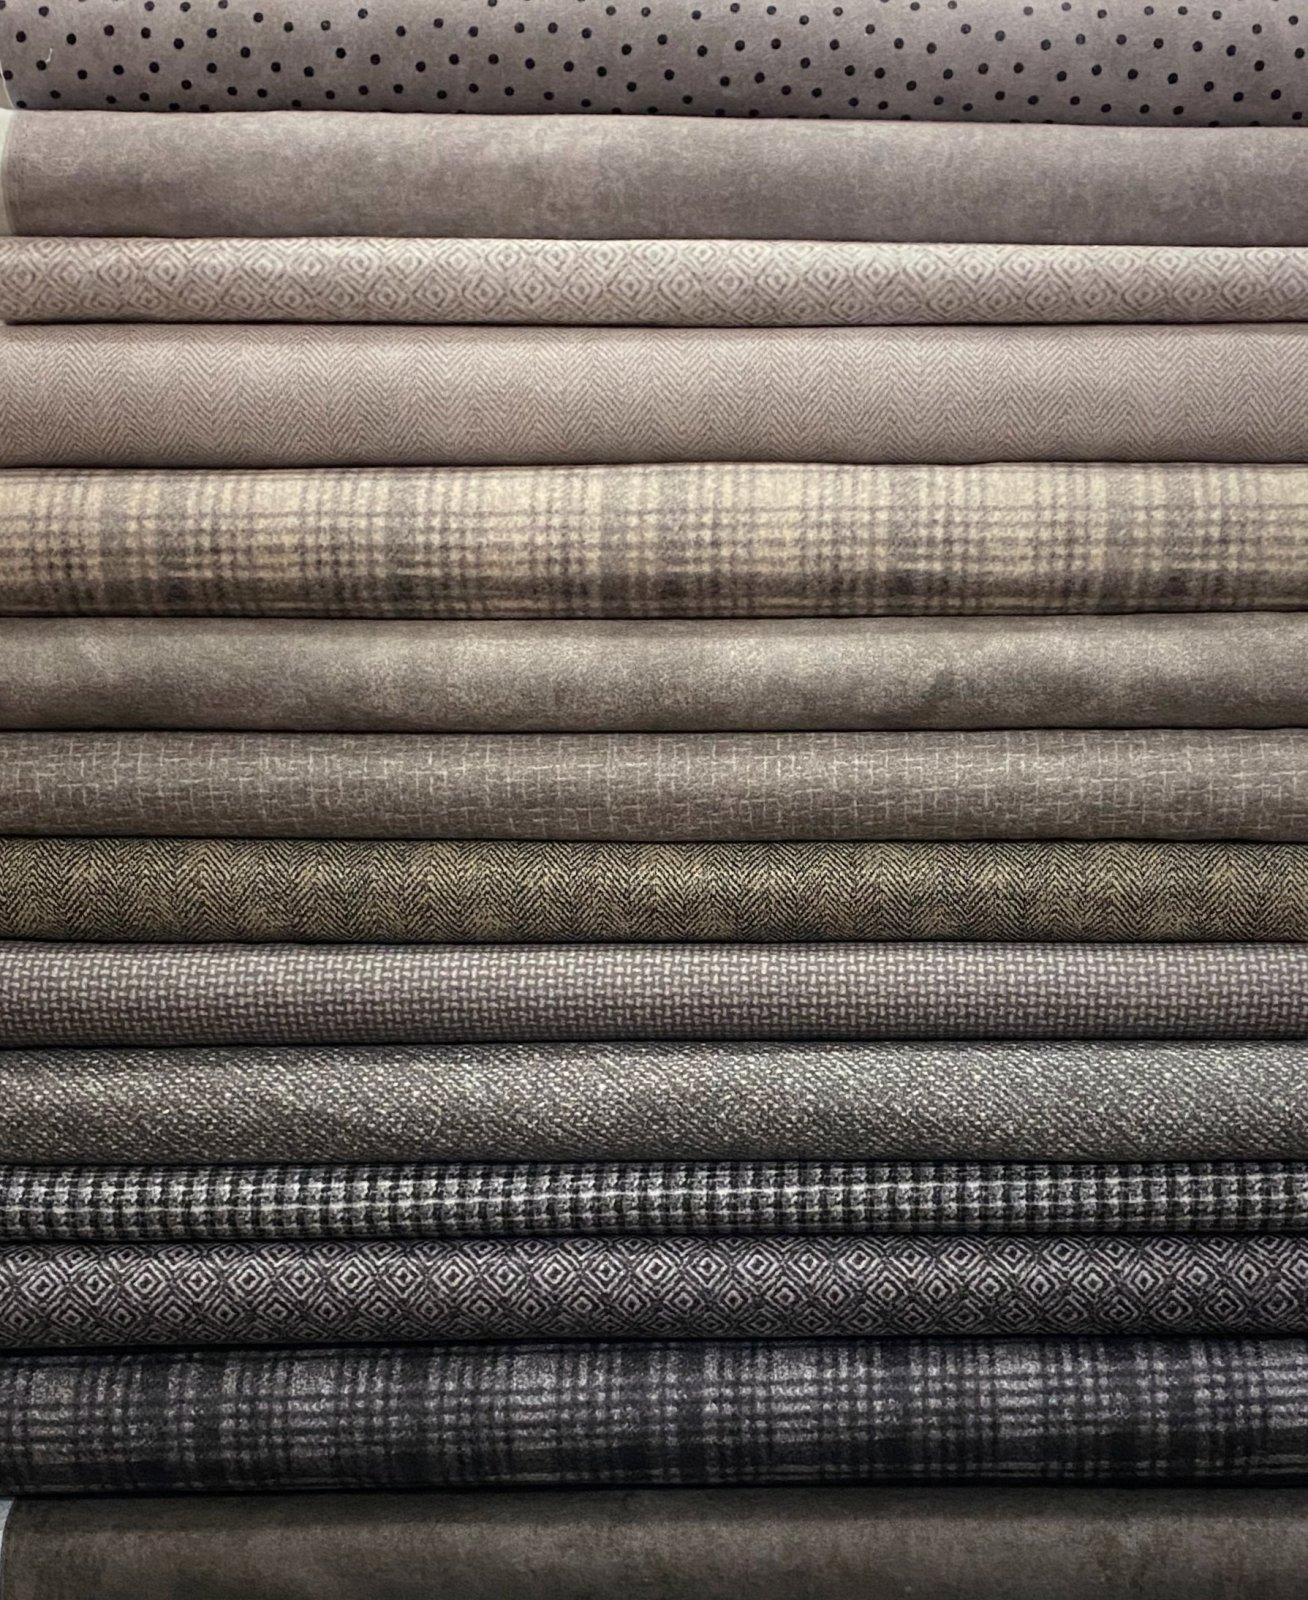 Gray Flannel Fat Quarters - 14 FQ's